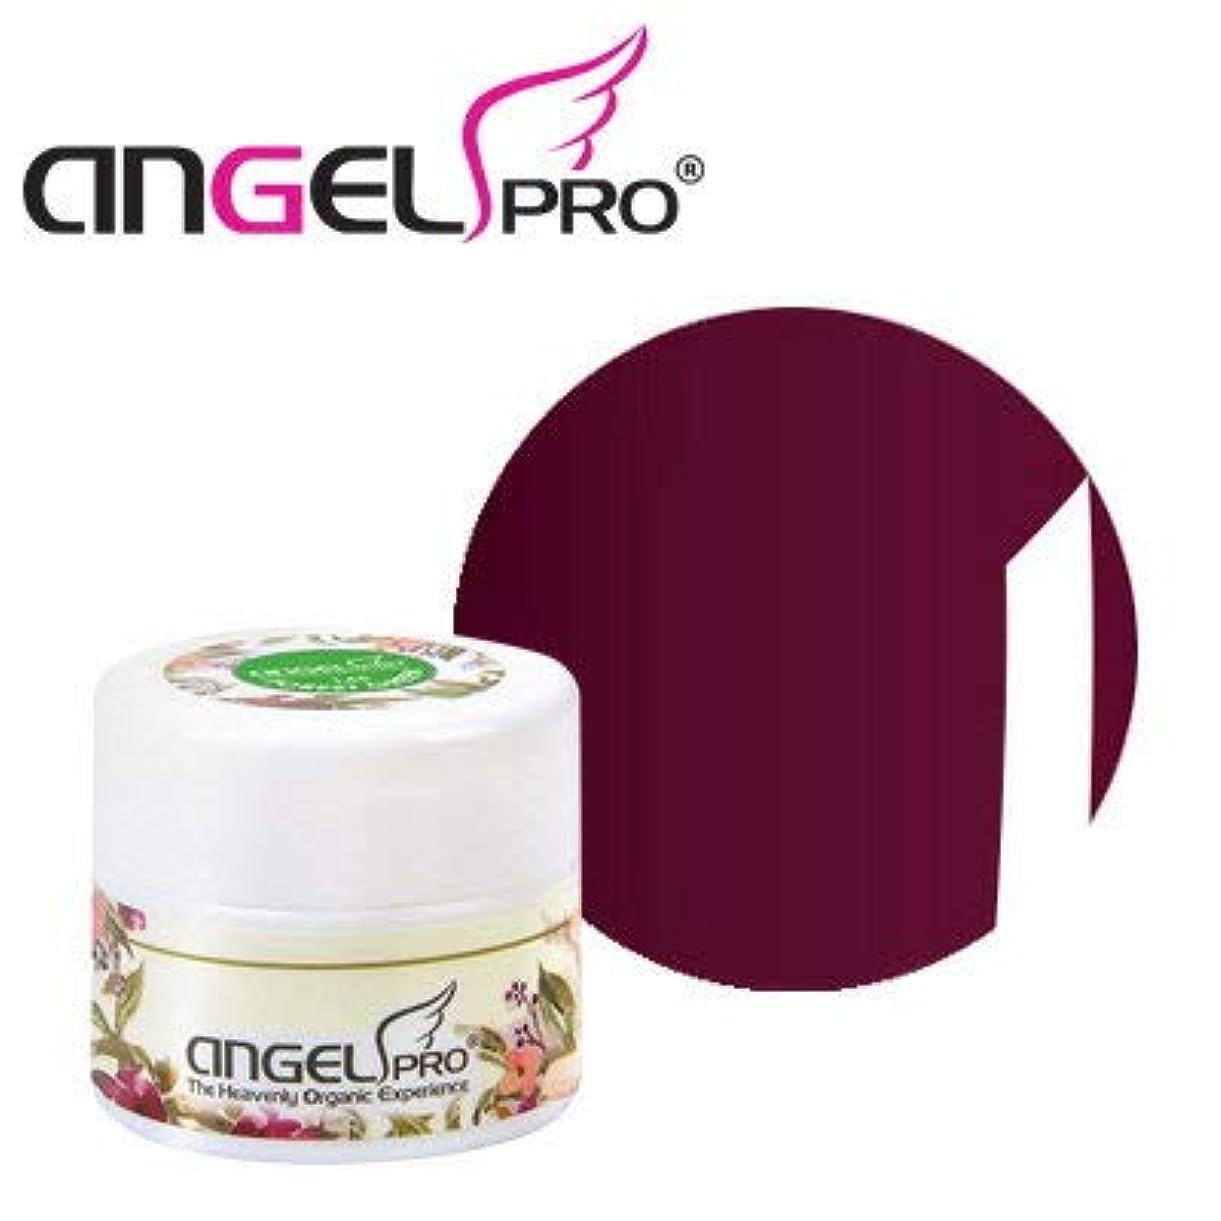 効率的にひそかに軽食ANGEL PRO ポットジェリー #181 PICKLED BEET 4g